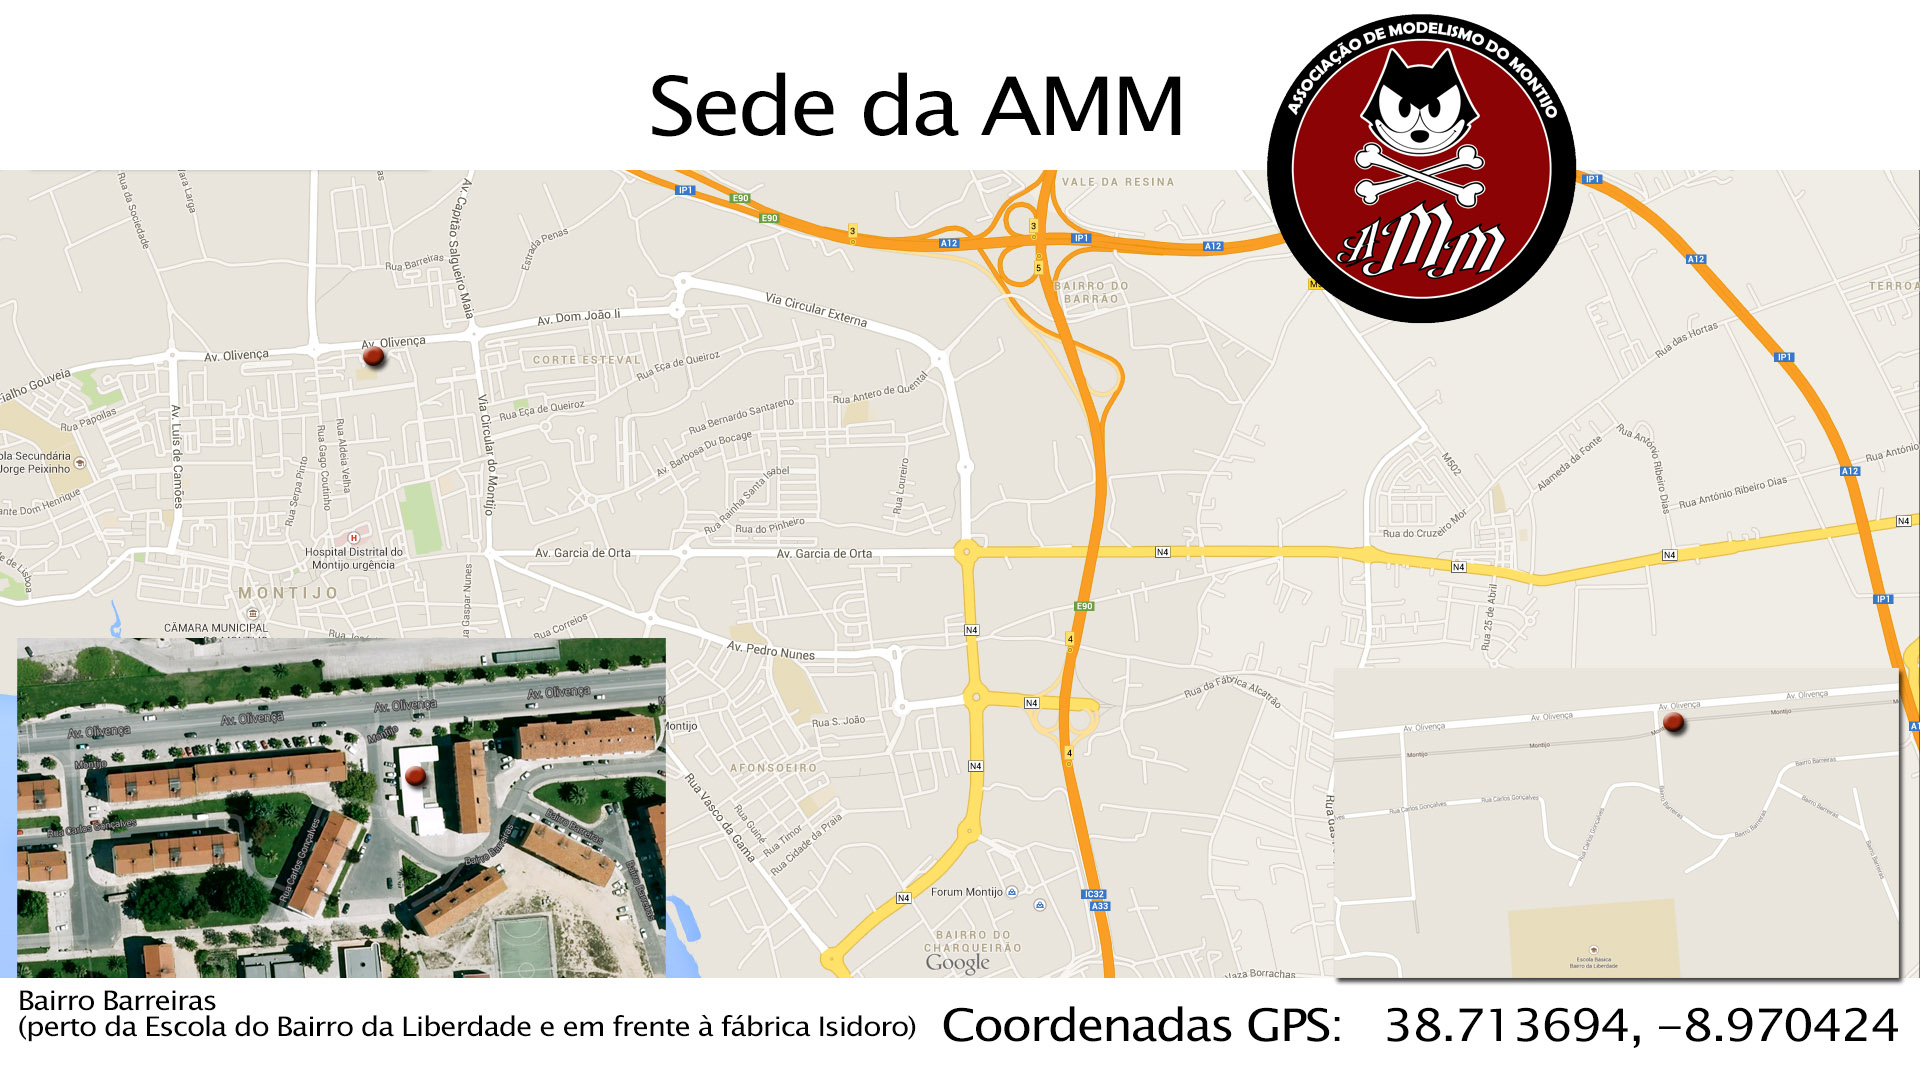 Mapa da Sede AMM